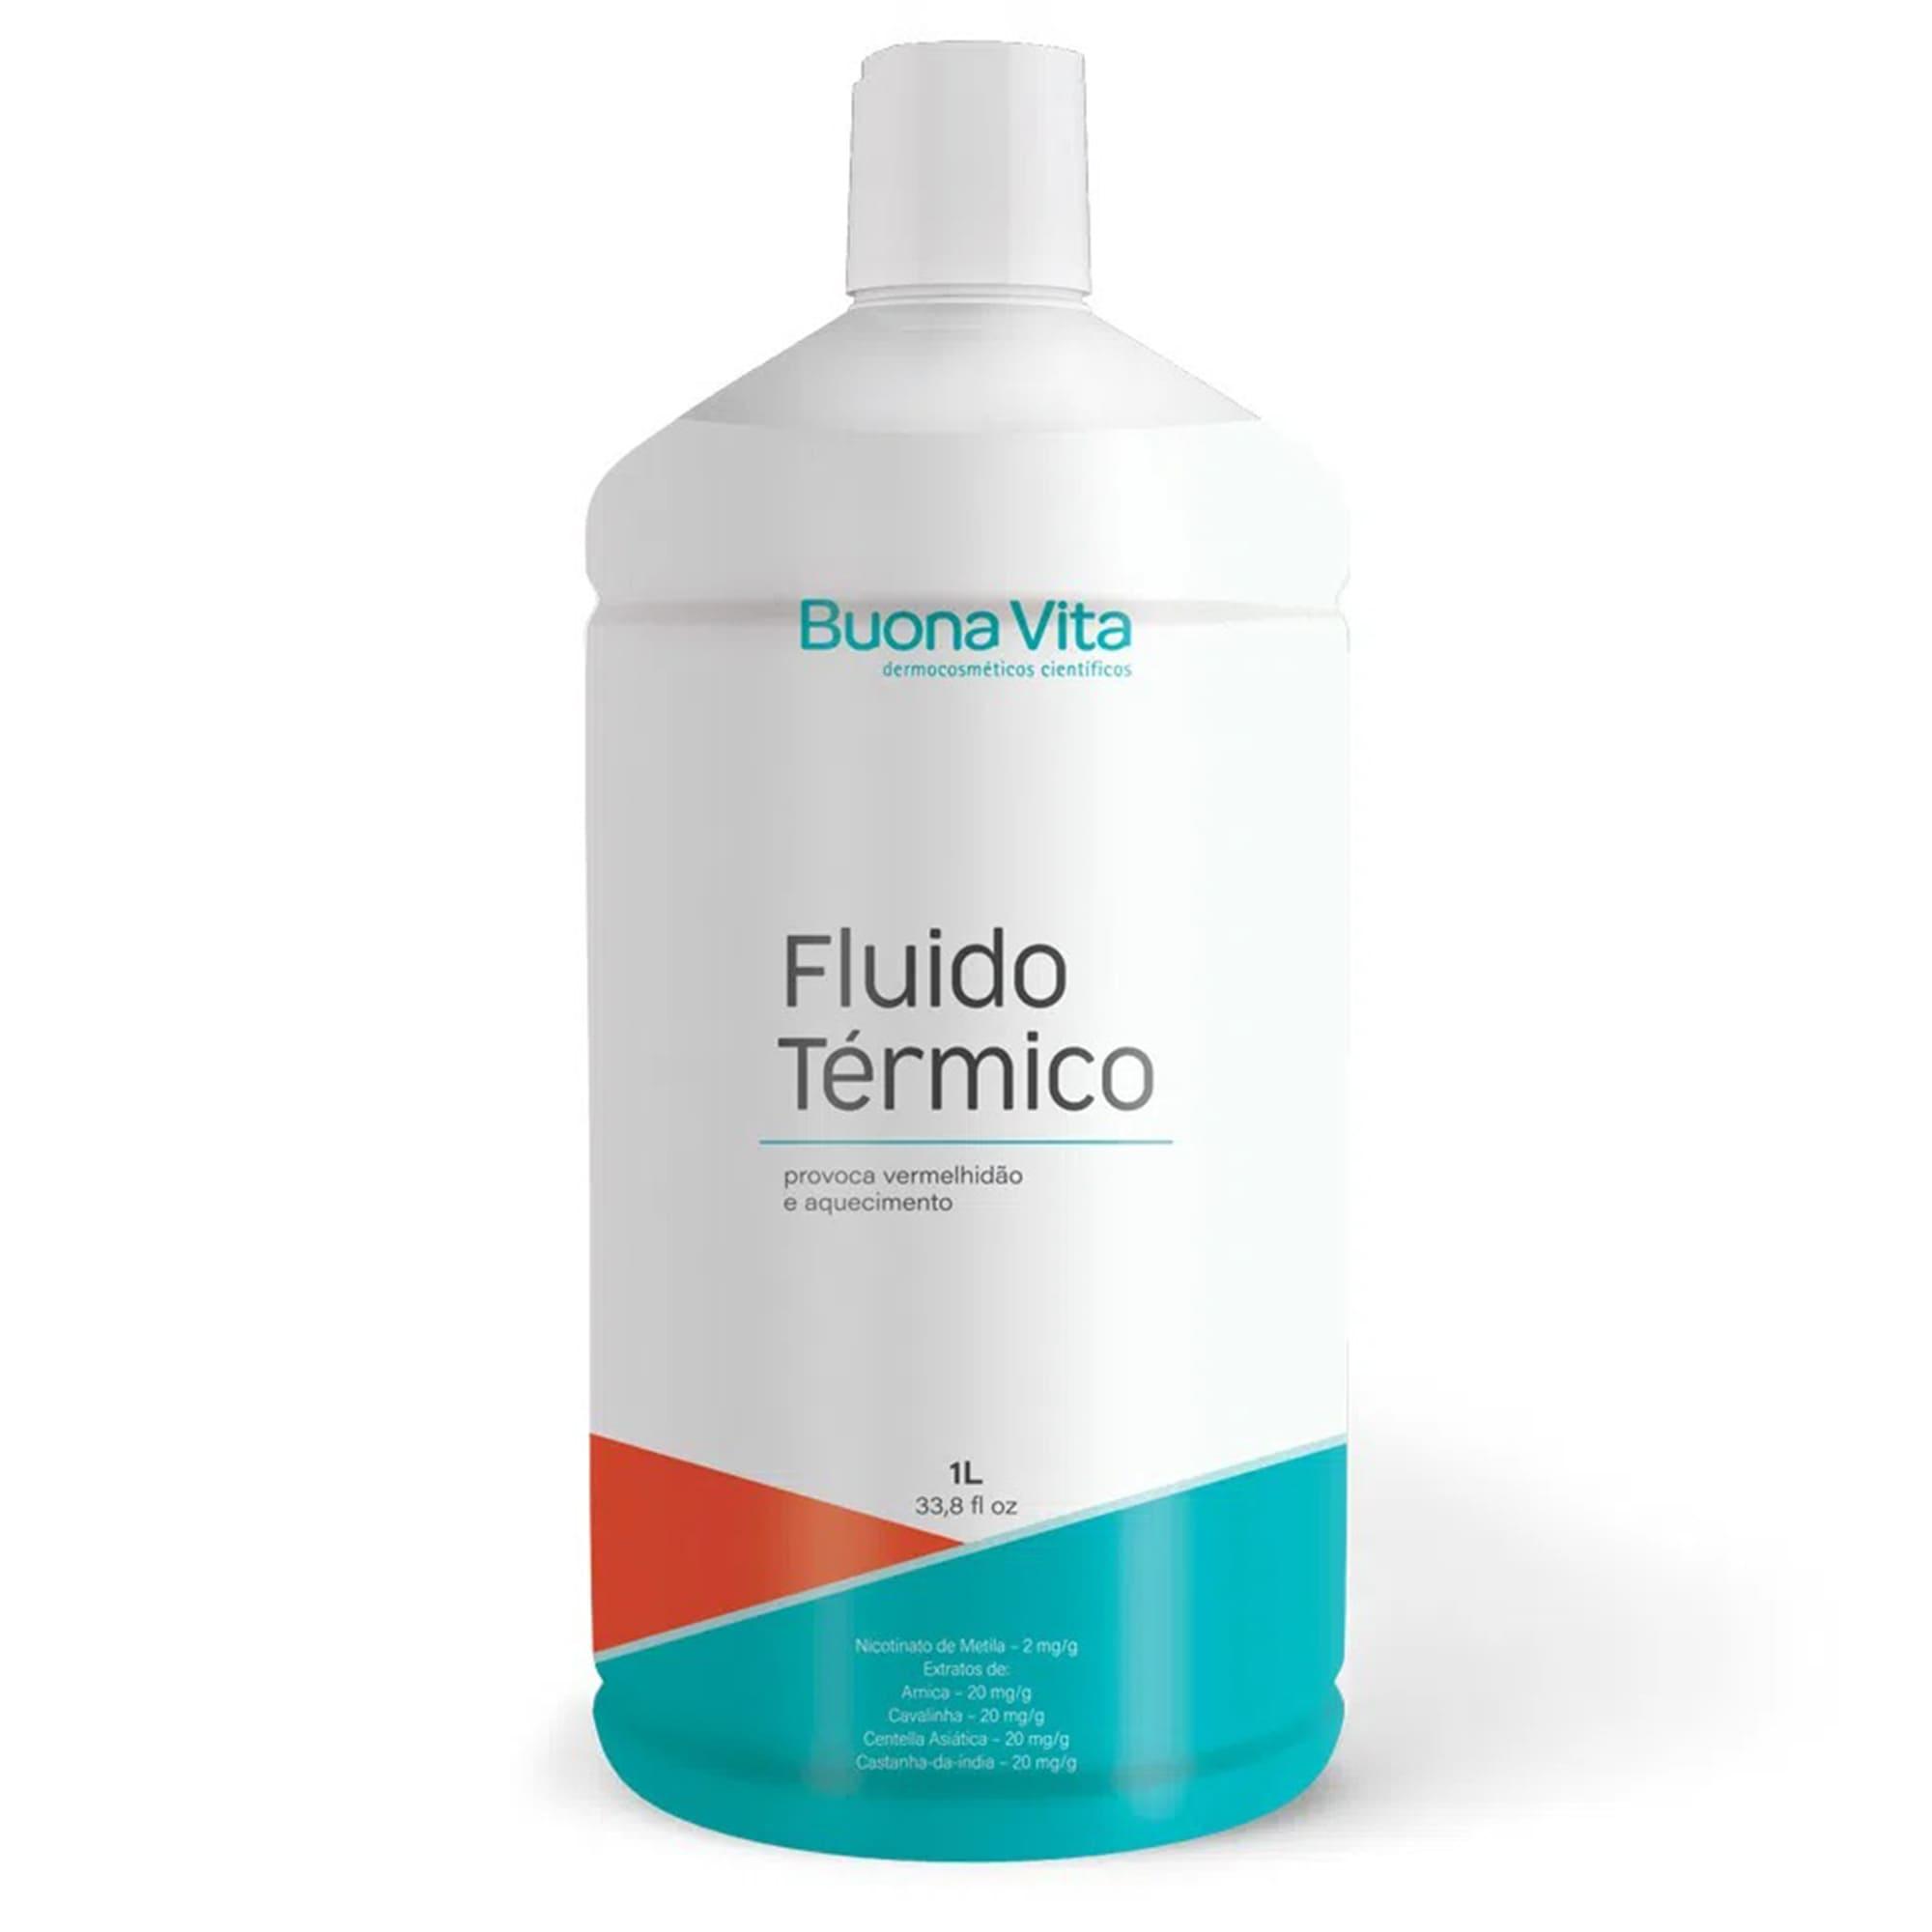 Fluido Térmico - Tratamento de Celulite, Gordura Localizada e Estrias 1l   Buona Vita Cosméticos